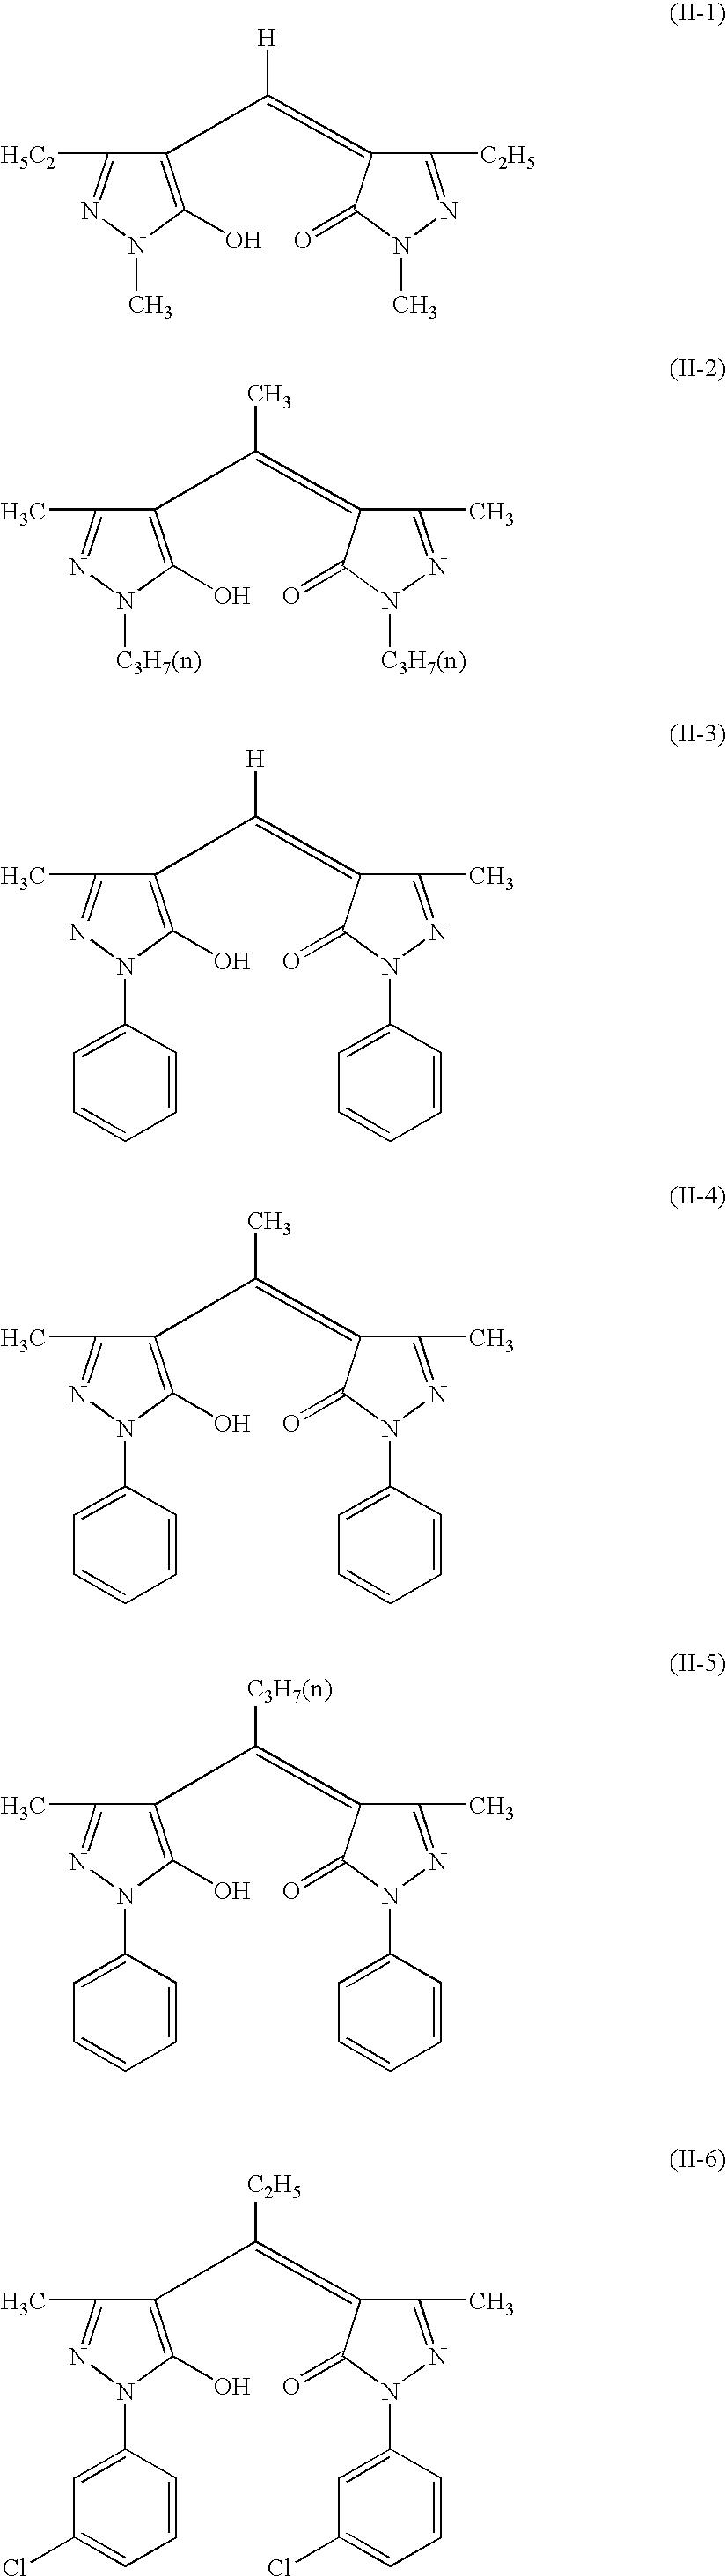 Figure US06836383-20041228-C00011